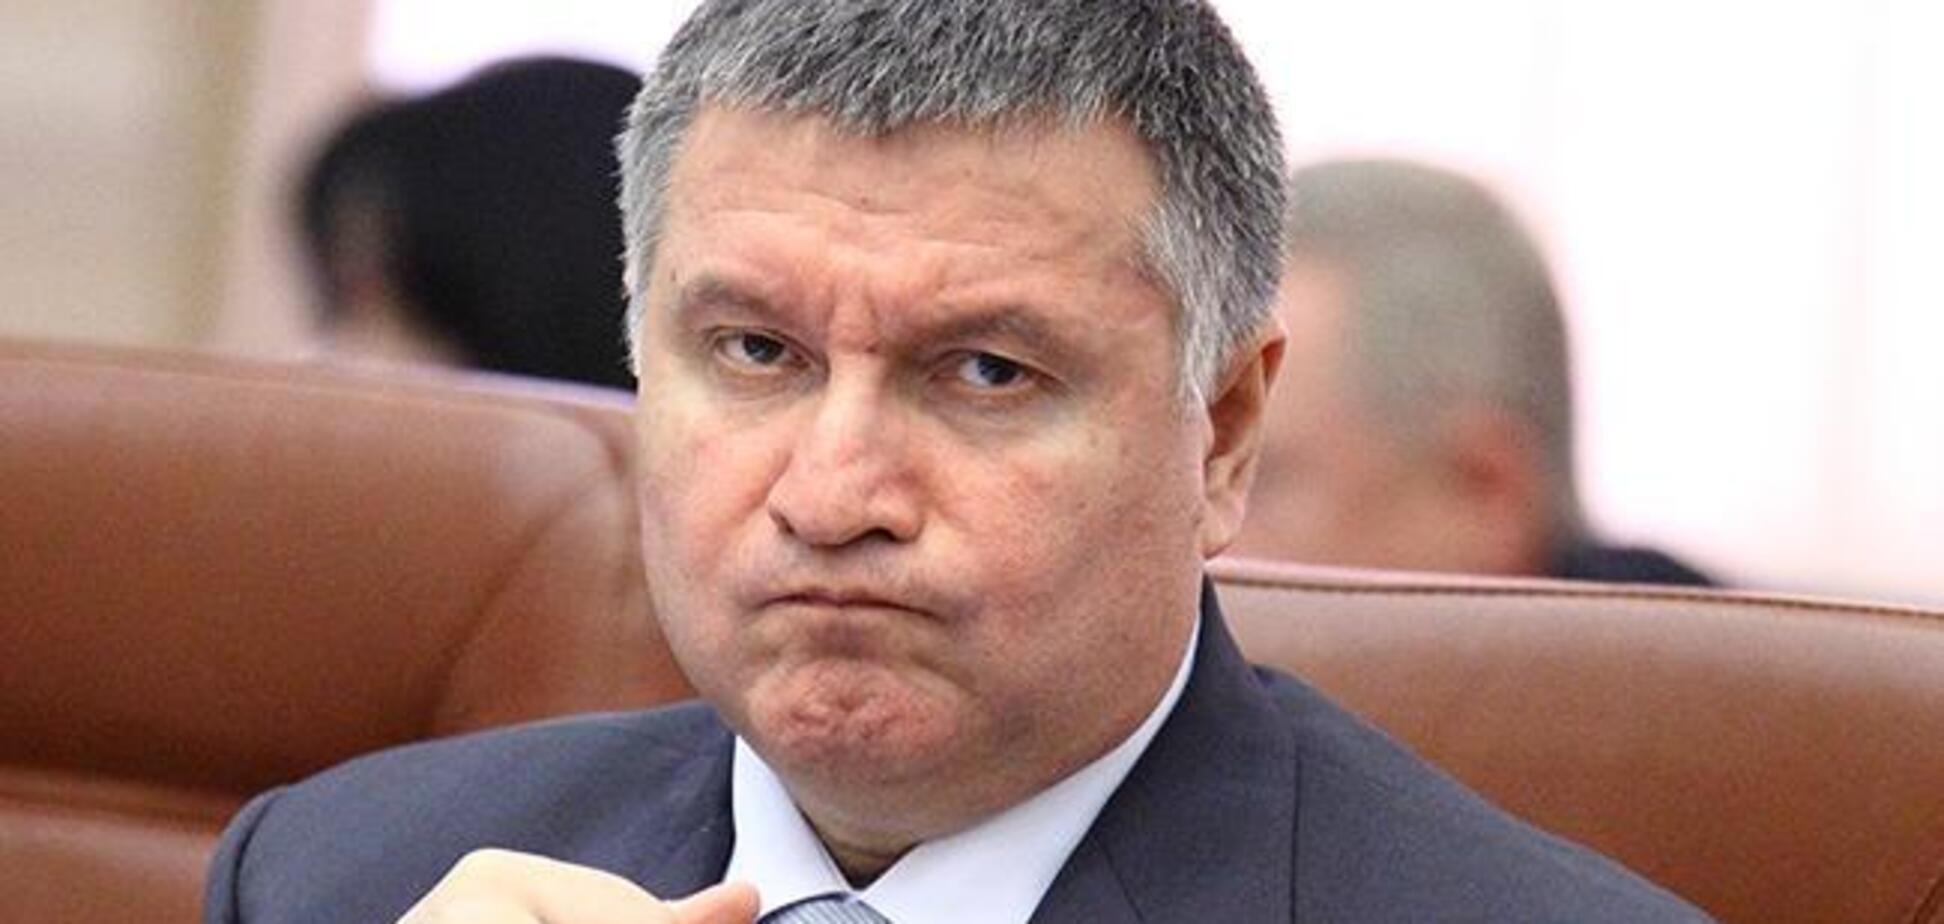 ''Импотент!'' Правозащитник обрушился на Авакова из-за убийства Гандзюк